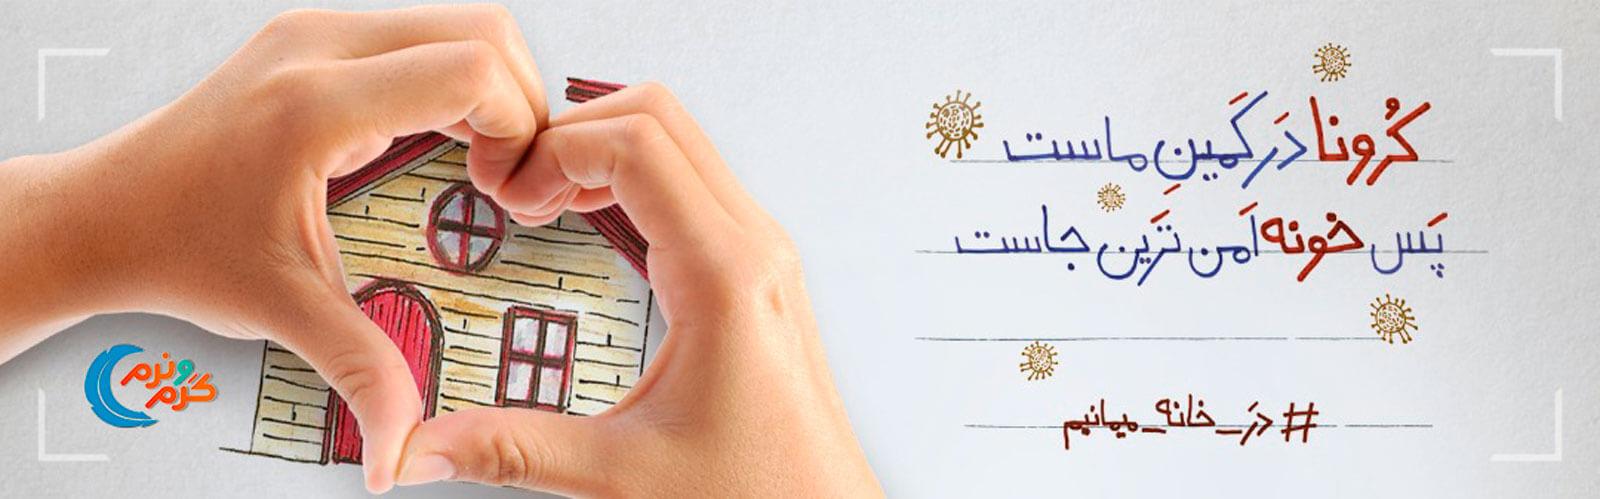 خرید تشک آنلاین از خانه